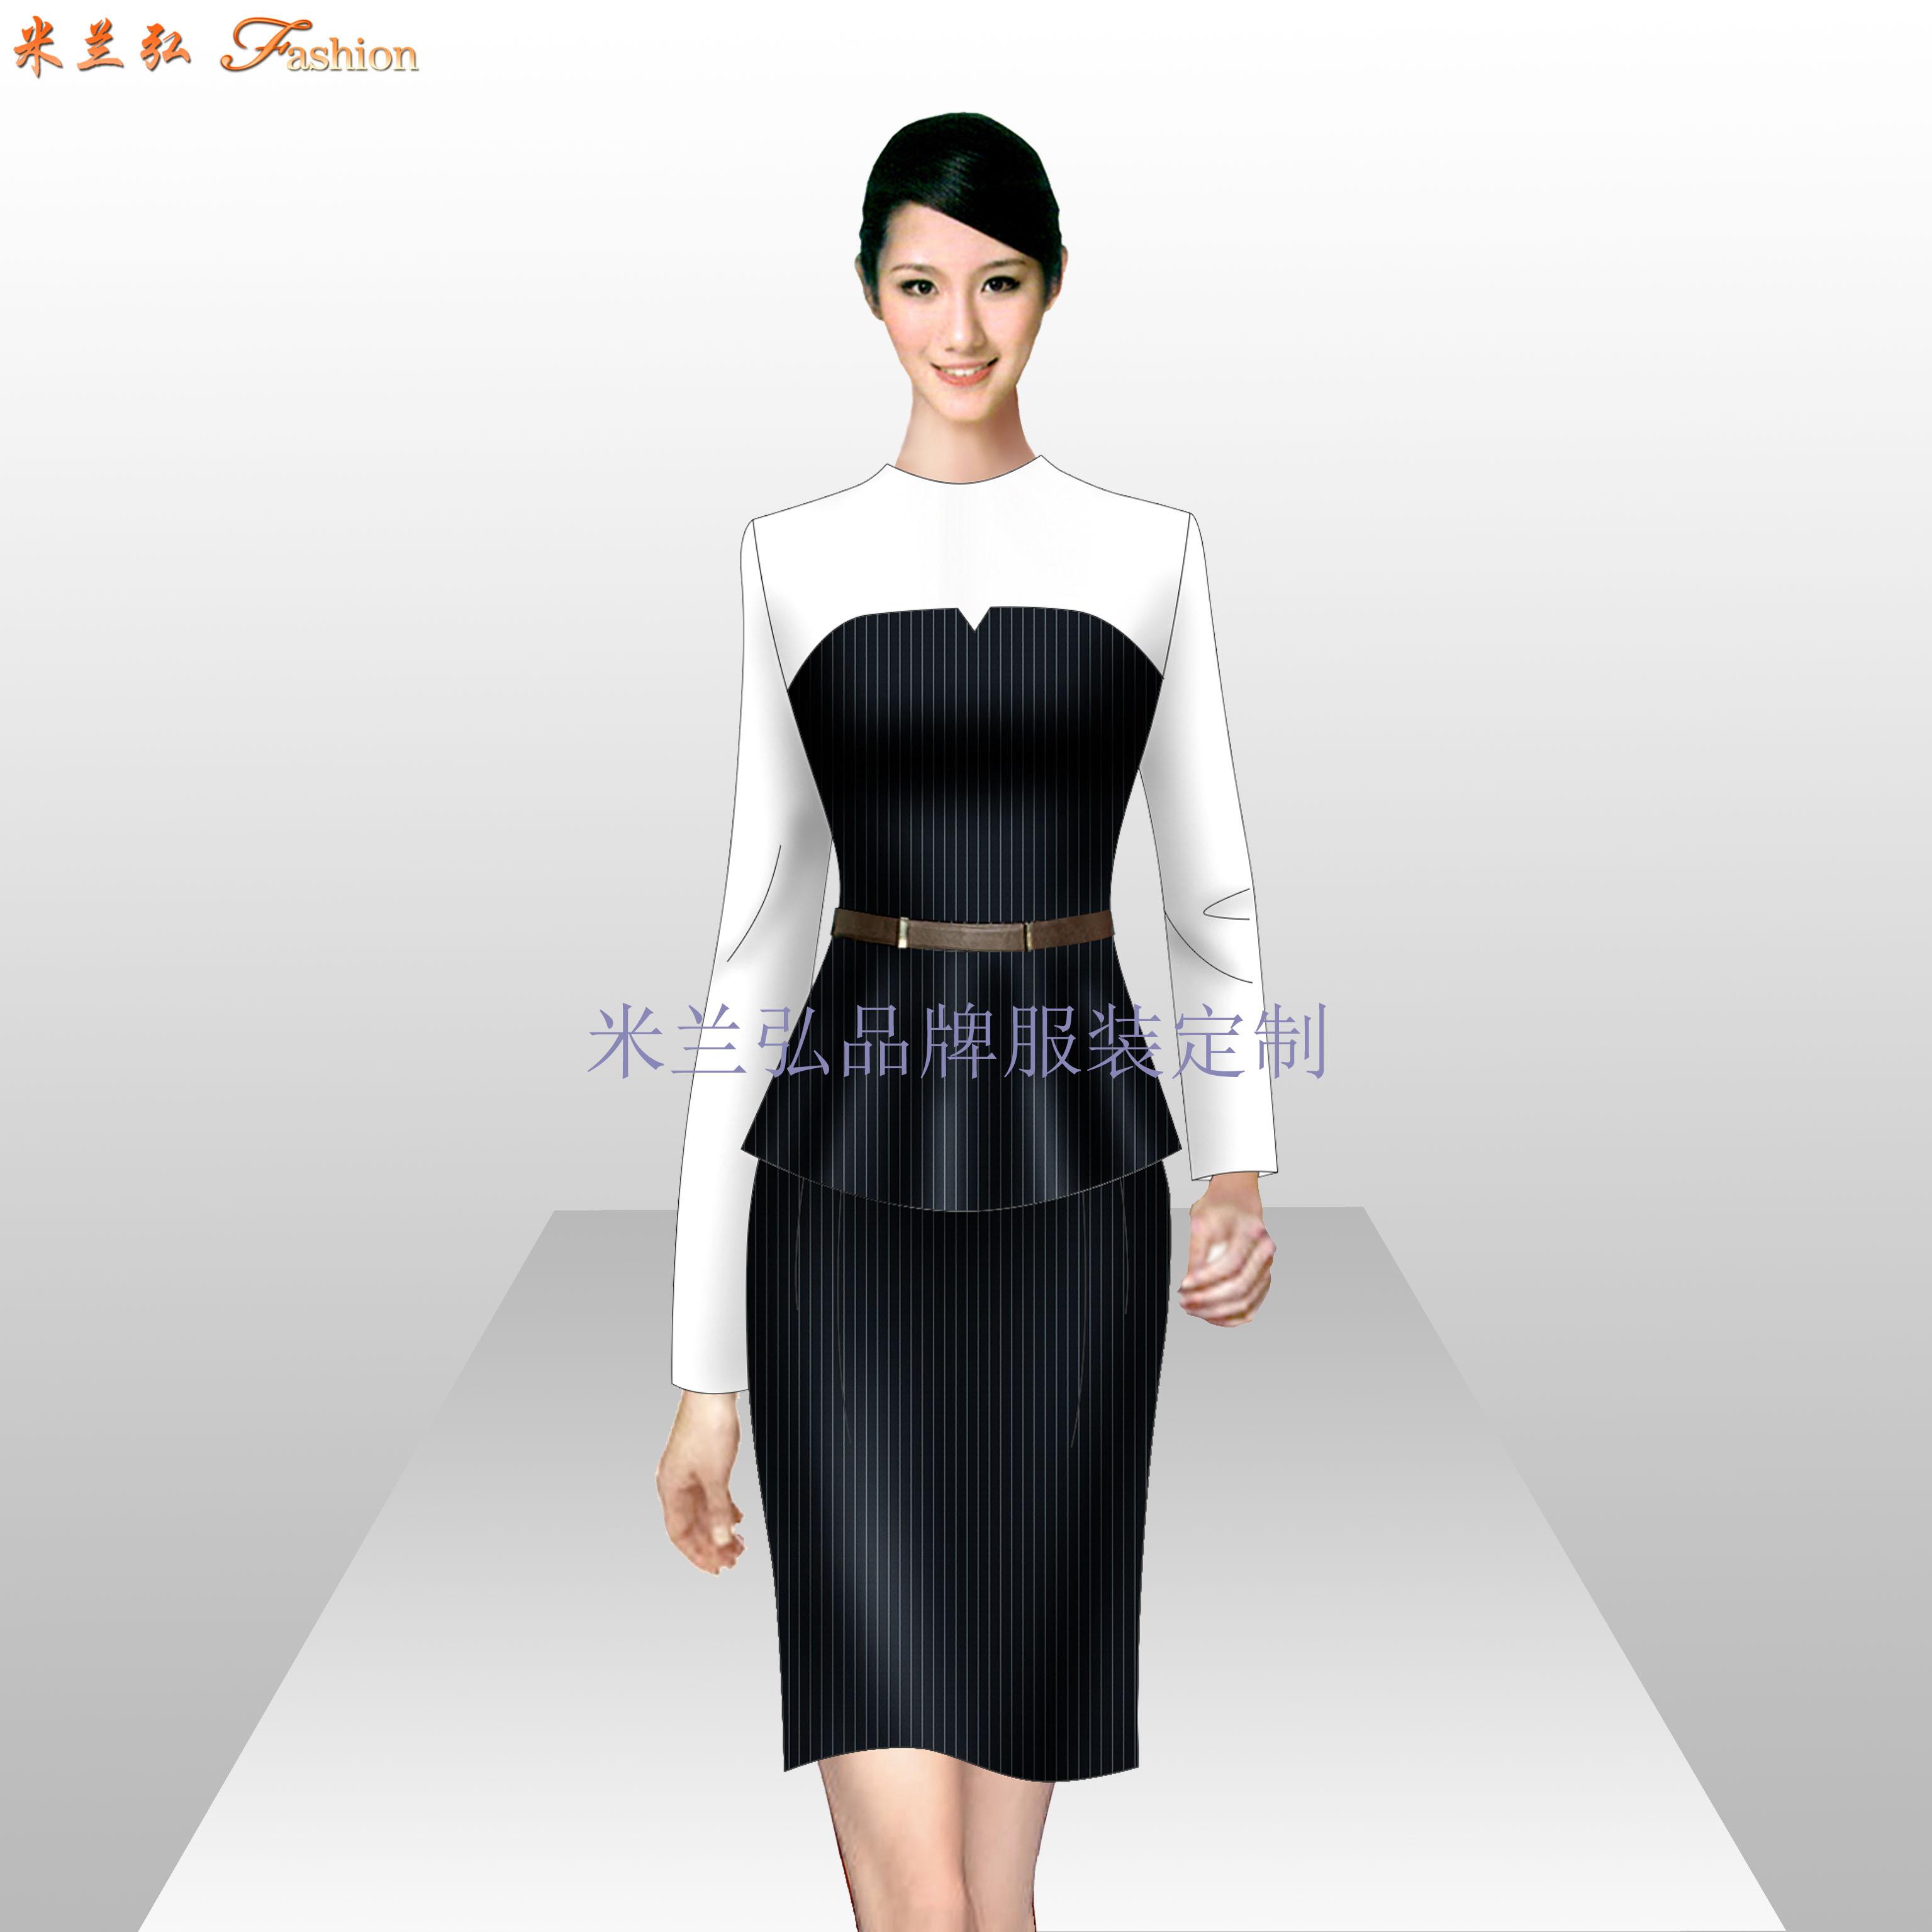 珠寶店工作服定做_工作服廠家訂做-米蘭弘服裝廠家-4